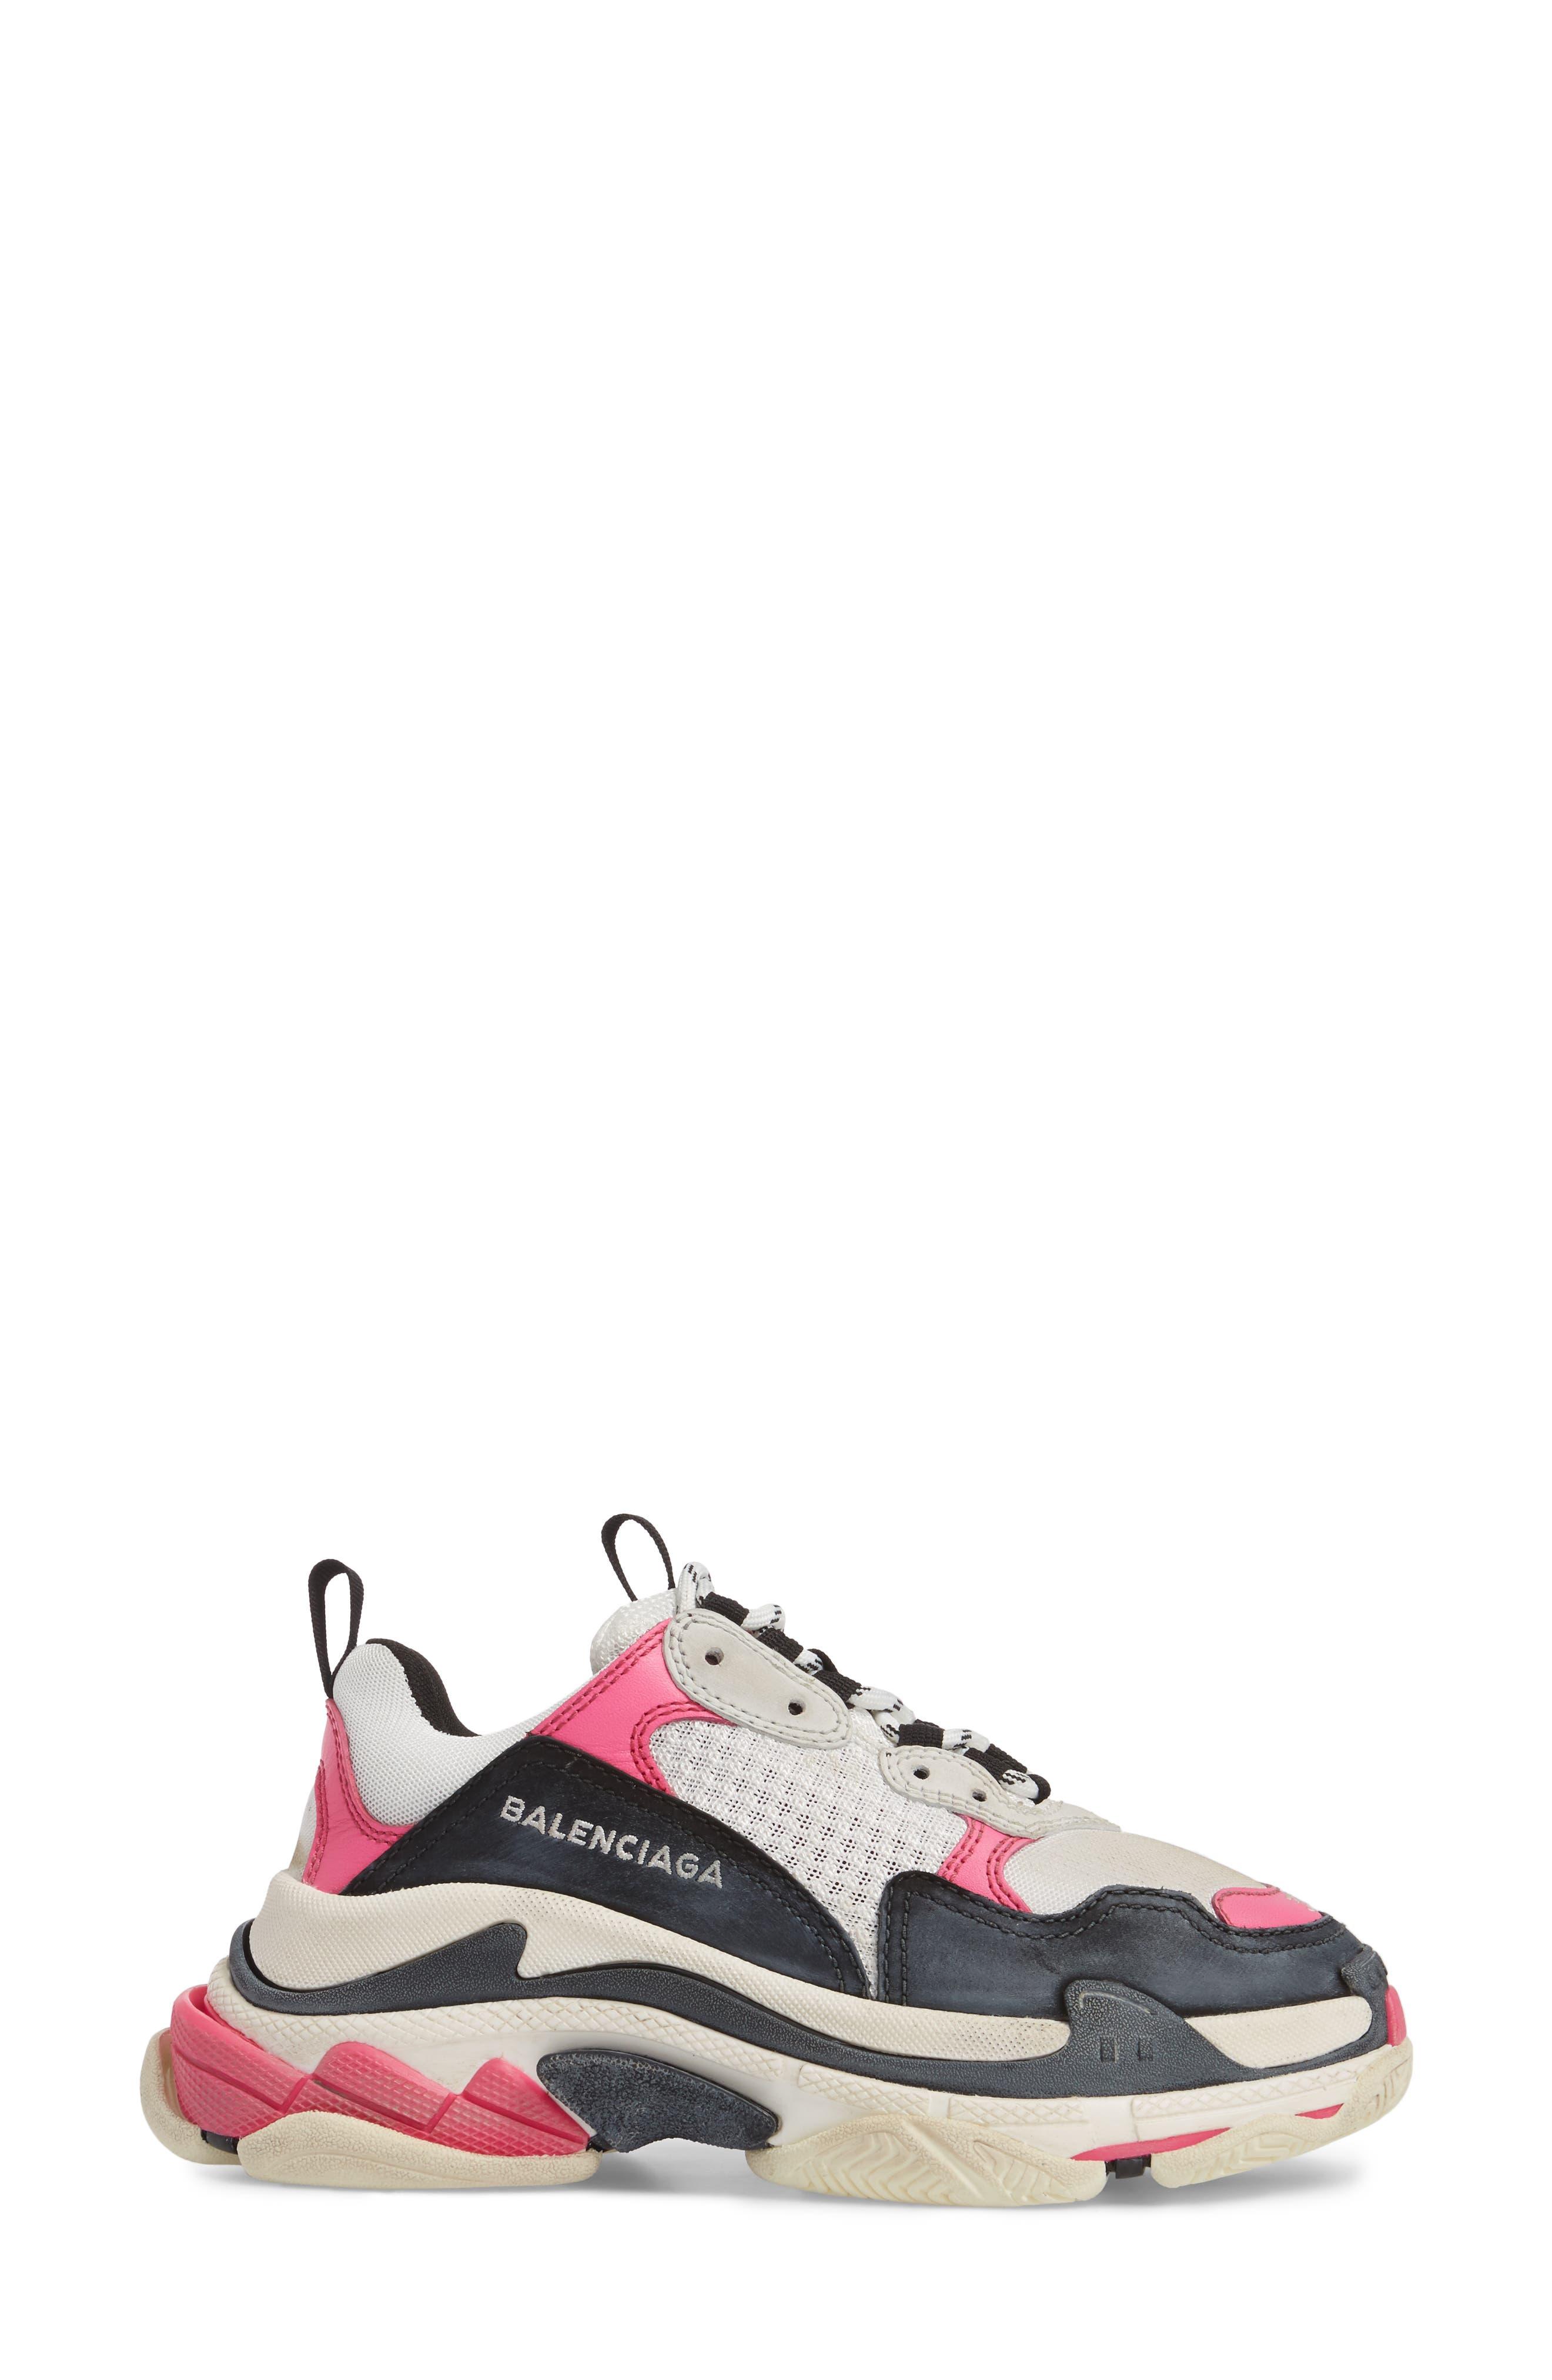 BALENCIAGA,                             Triple S Low Top Sneaker,                             Alternate thumbnail 3, color,                             WHITE/ BLACK/ PINK